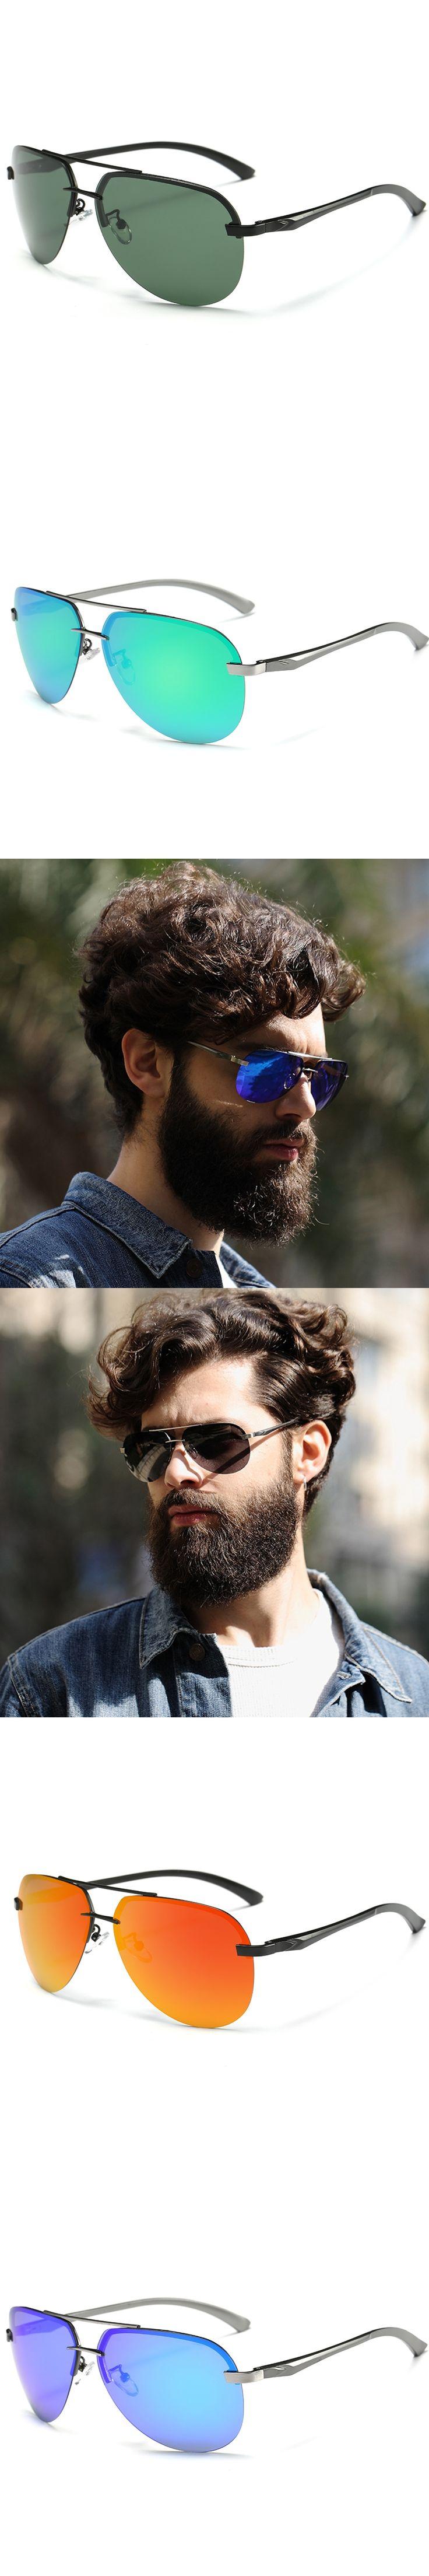 2017 Brand Designer Polarized Sunglasses Men Driver Mirror Sun glasses Male Fishing Female Eyewear For Men De Sol new